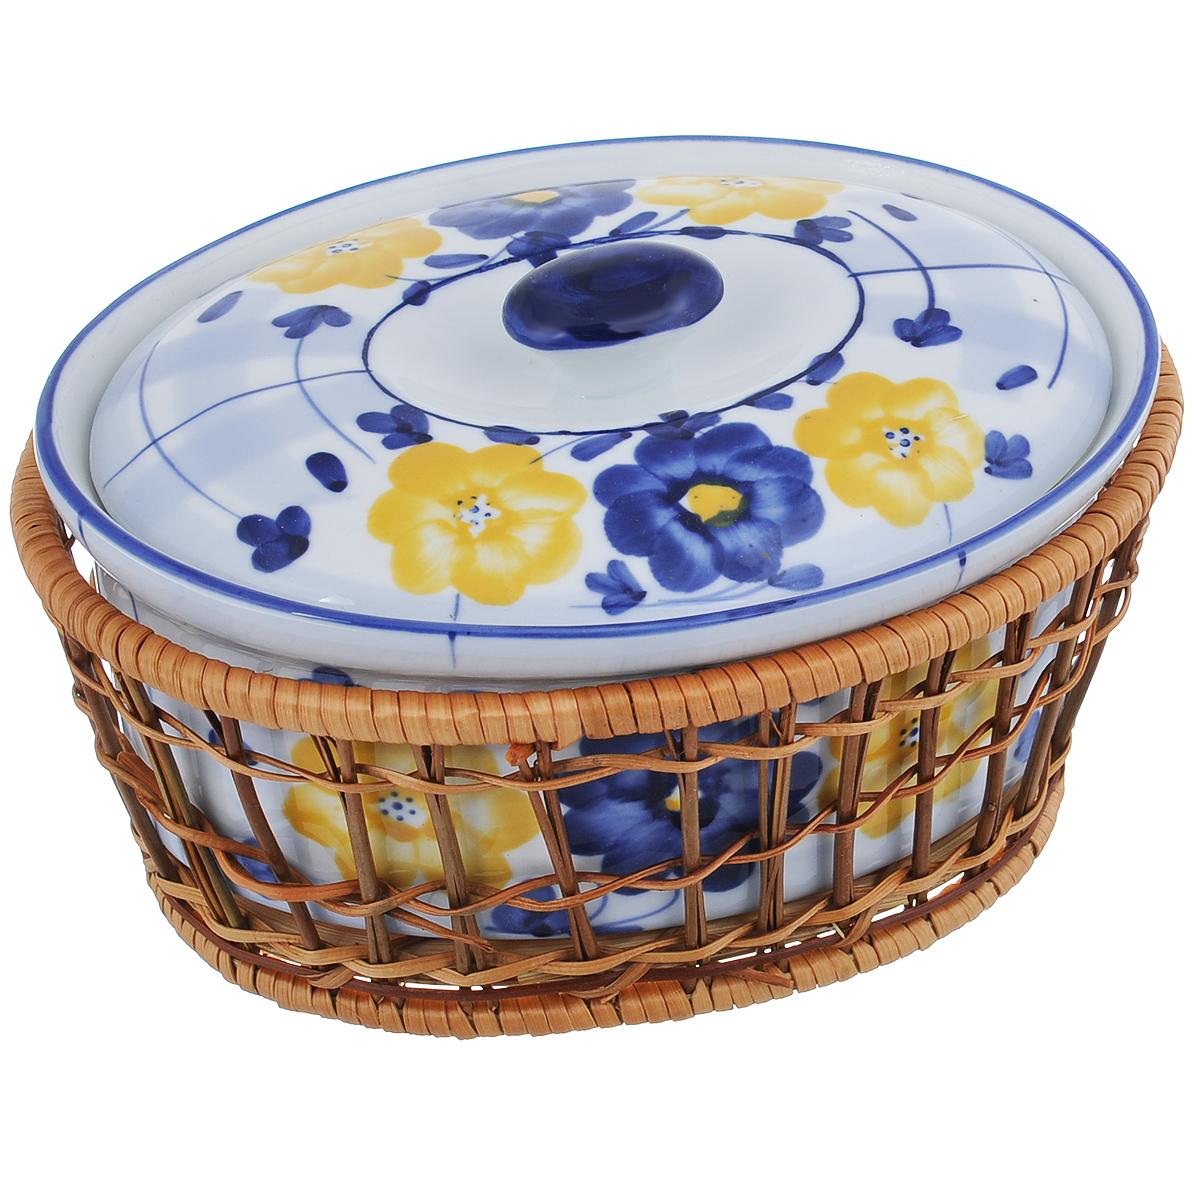 Кастрюля Loraine с крышкой, на подставке, 900 мл372Кастрюля Loraine, изготовленная из жаропрочной керамики, подходит для любого вида пищи. Элегантный дизайн идеально подходит для современного дома. В комплект входит крышка и плетеная корзина-подставка, изготовленная из ротанга. Изделия из керамики идеально подходят как для приготовления пищи, так и для подачи на стол. Материал не содержит свинца и кадмия. С такой кастрюлей вы всегда сможете порадовать своих близких оригинальным блюдом. Изделие можно использовать в духовке и холодильнике. Можно мыть в посудомоечной машине. Высота кастрюли (без учета крышки): 8 см. Толщина стенки: 4 мм. Толщина дна: 4 мм. Размер по верхнему краю: 19,5 см х 15 см. Размер основания: 16,5 см х 11,5 см. Размер корзинки: 20 см х 15 см х 8 см.